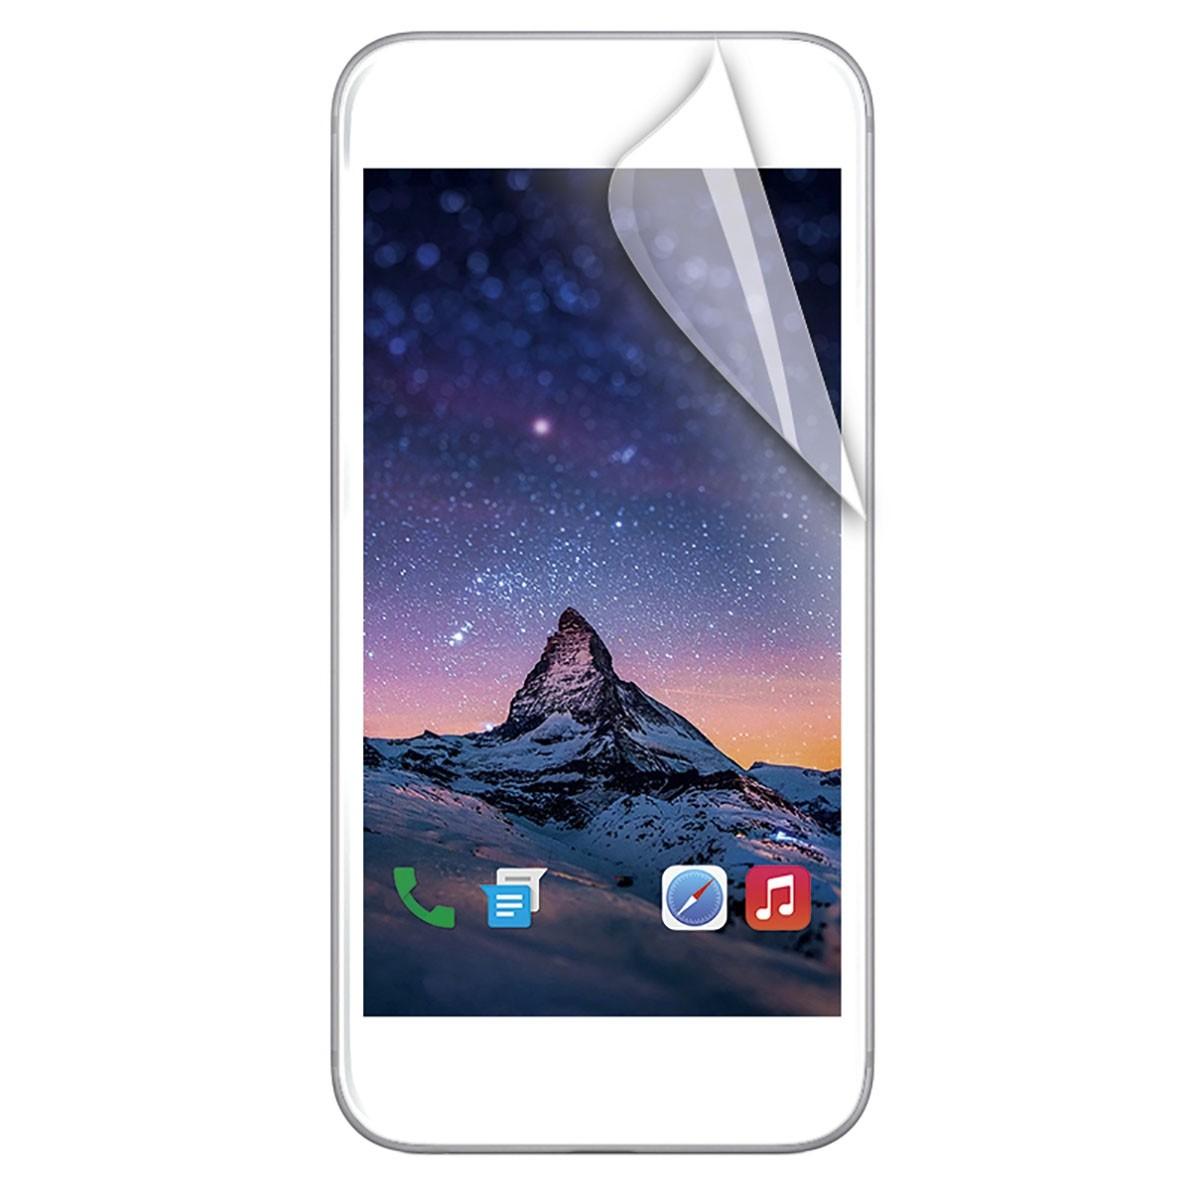 Mobilis 036141 - Klare Bildschirmschutzfolie - Handy/Smartphone - Samsung - Galaxy A20e - Kratzresistent - Schockresistent - Transparent